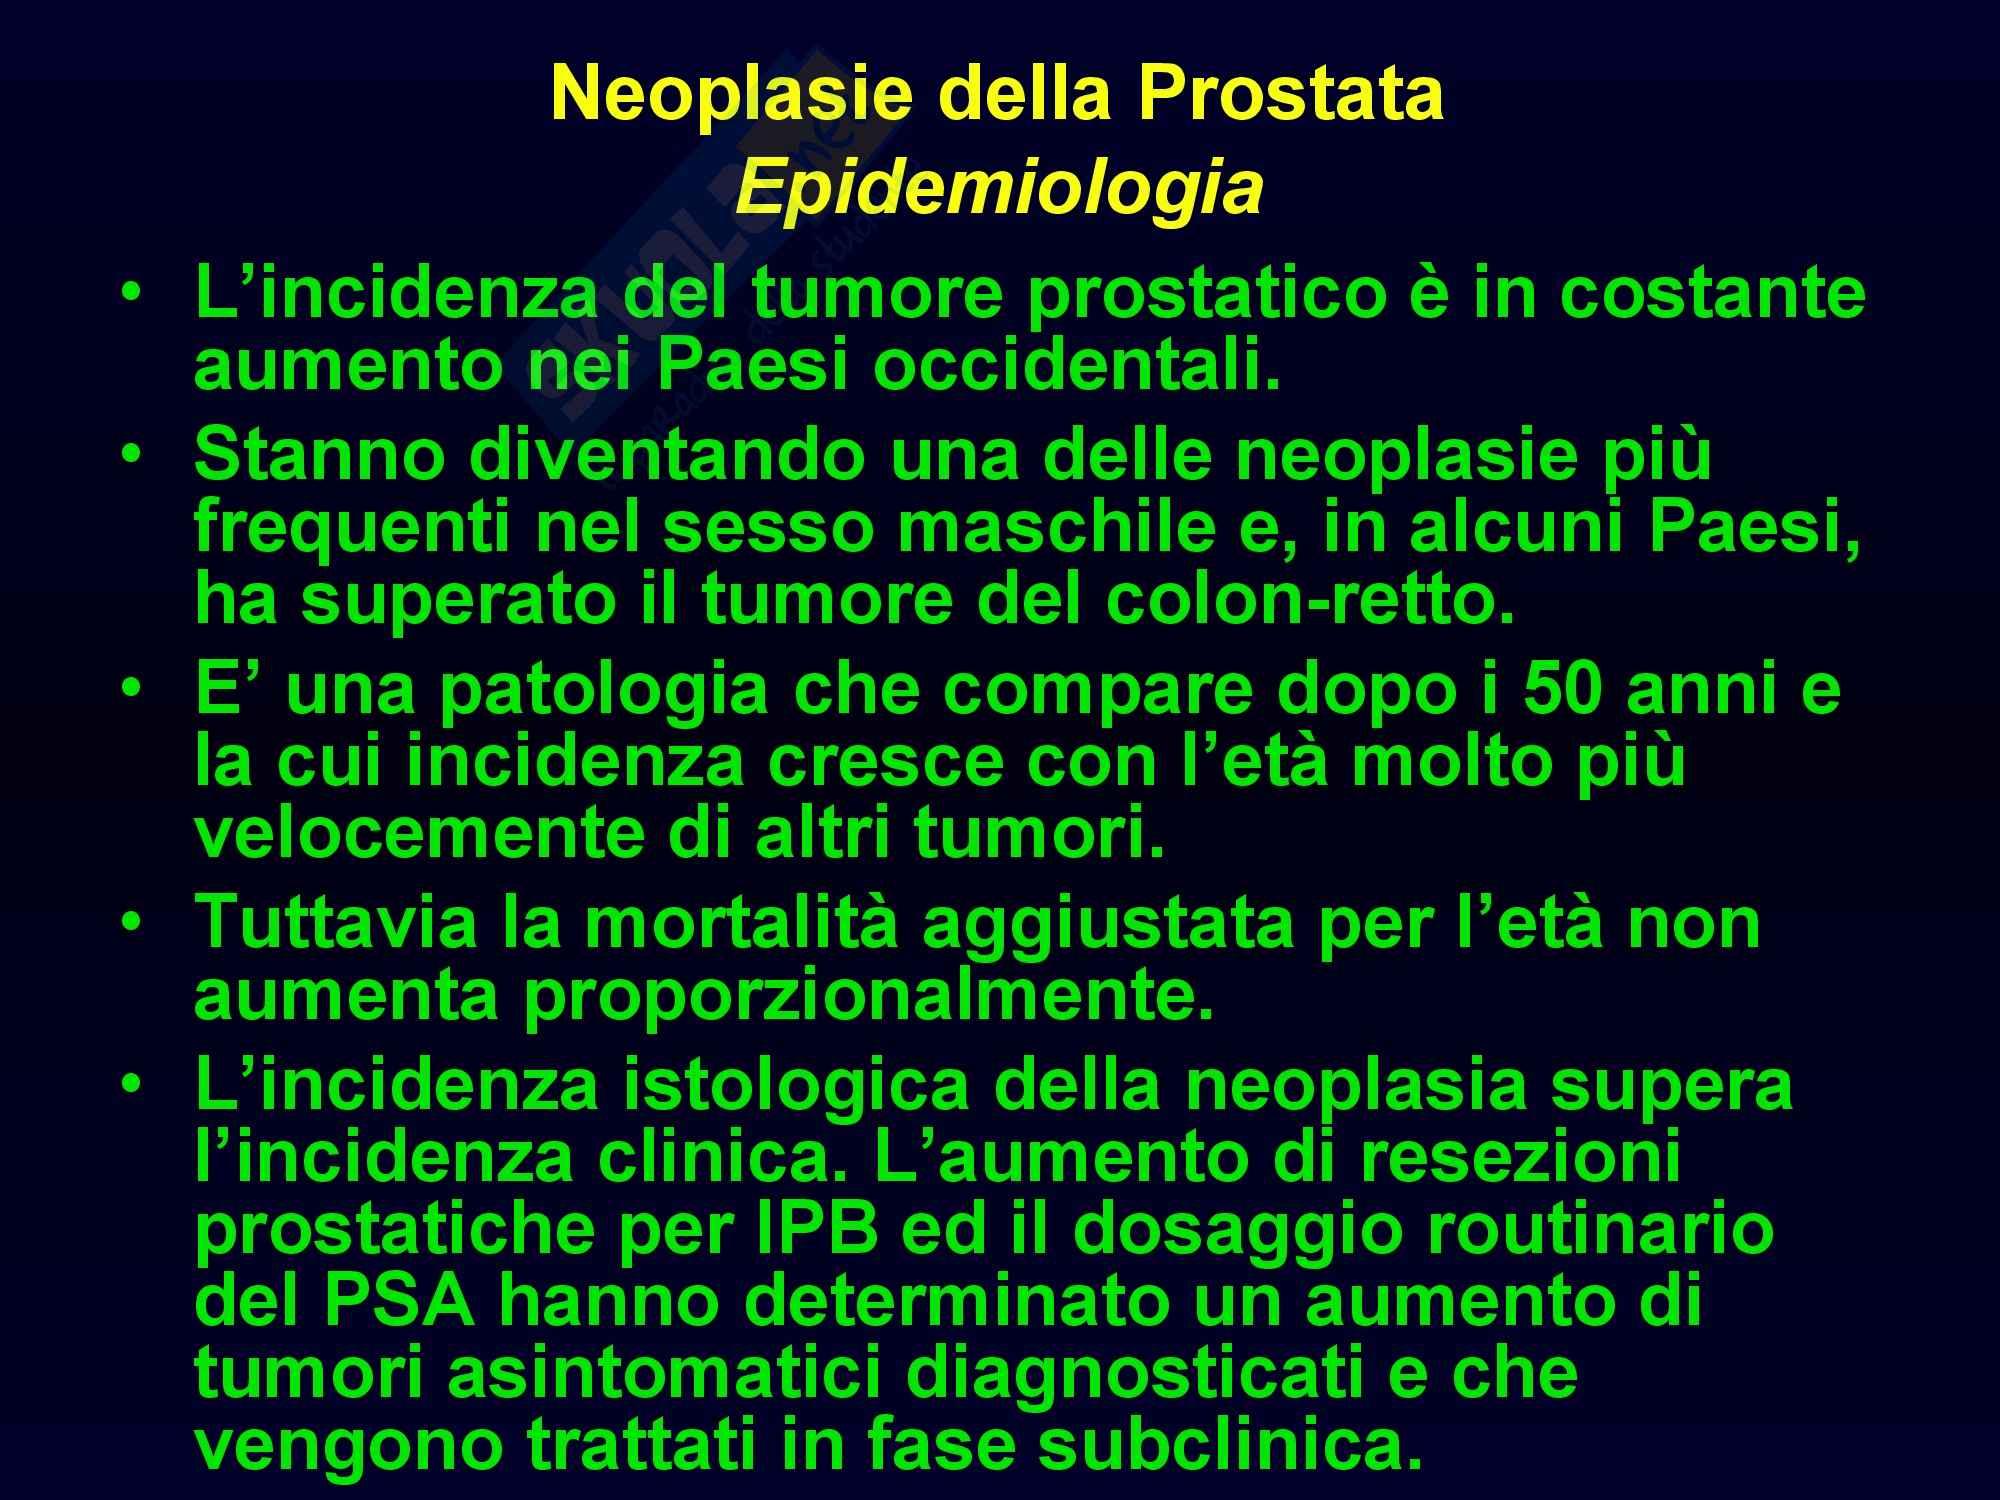 Oncologia medica - Tumore della prostata